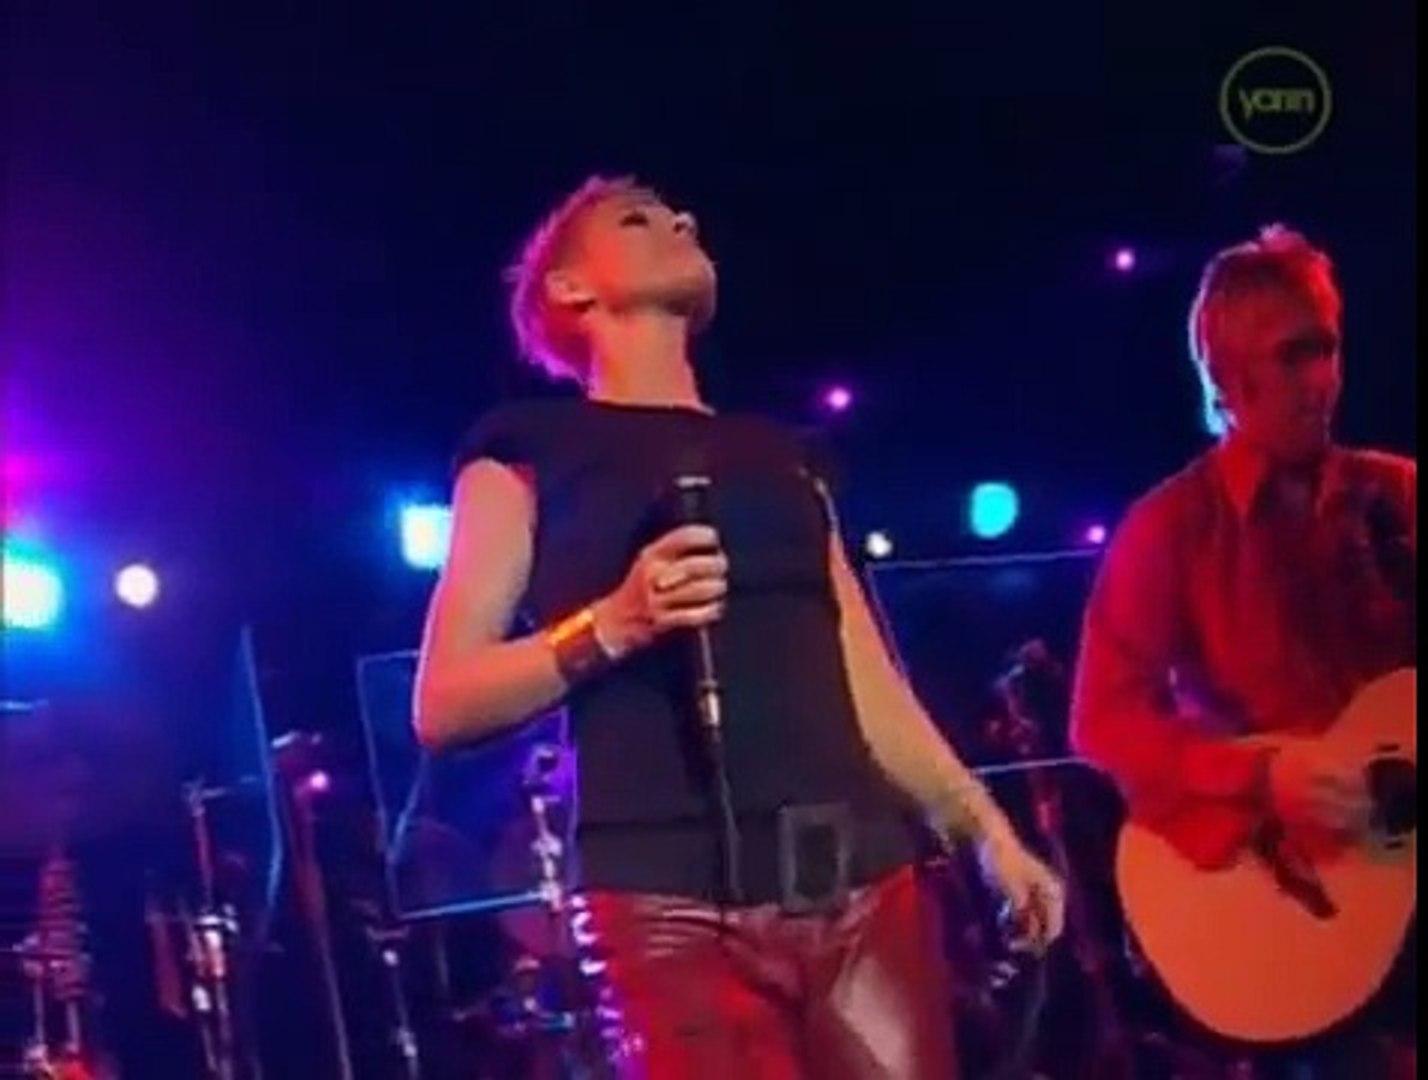 Roxette - Stars (Live In Barcelona 2001)